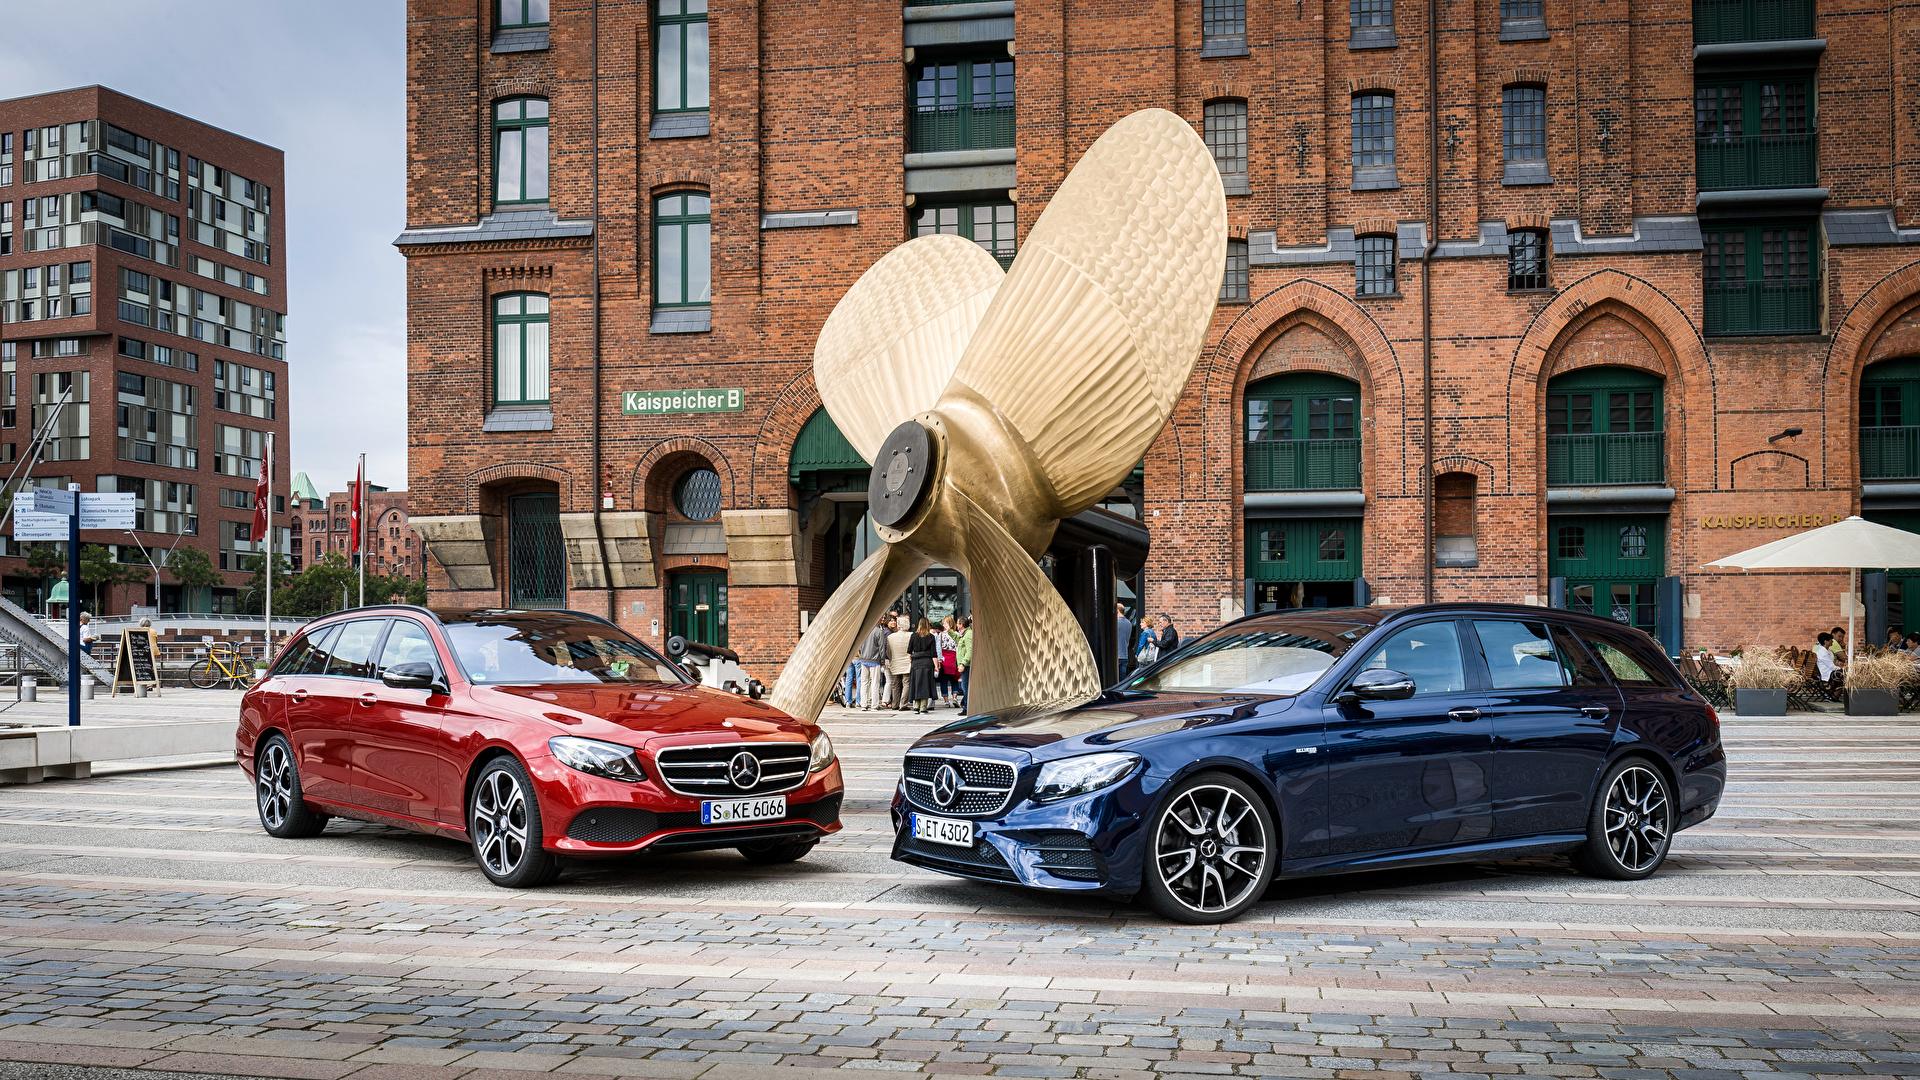 Картинка Mercedes-Benz 2016 E-Klasse Estate Двое Авто Металлик 1920x1080 Мерседес бенц 2 вдвоем Машины Автомобили